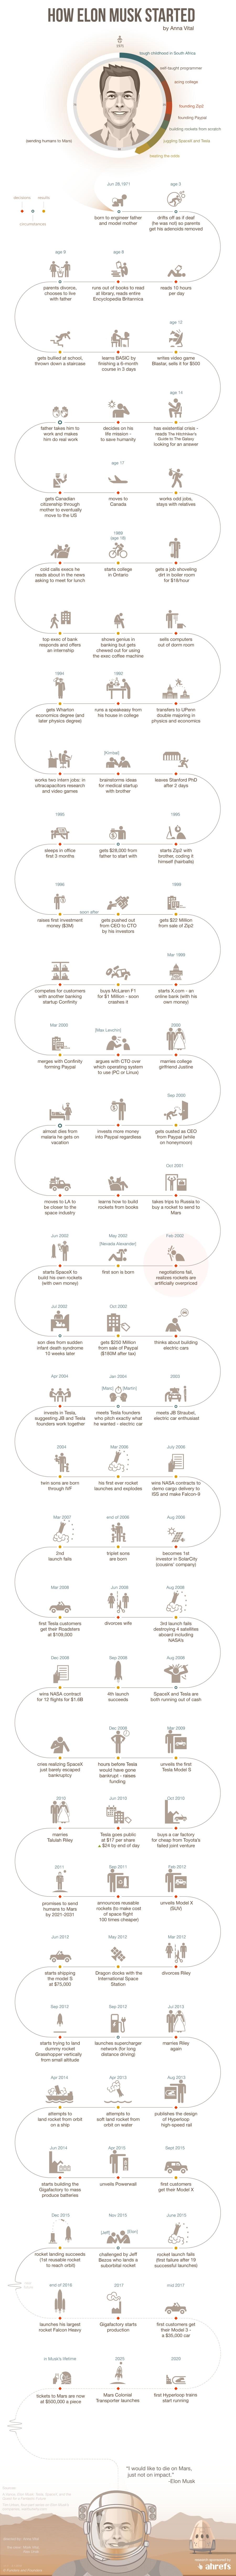 De Paypal A Spacex La Vie D Elon Musk En Une Infographie Marketing Personnel Infographie Personnal Branding